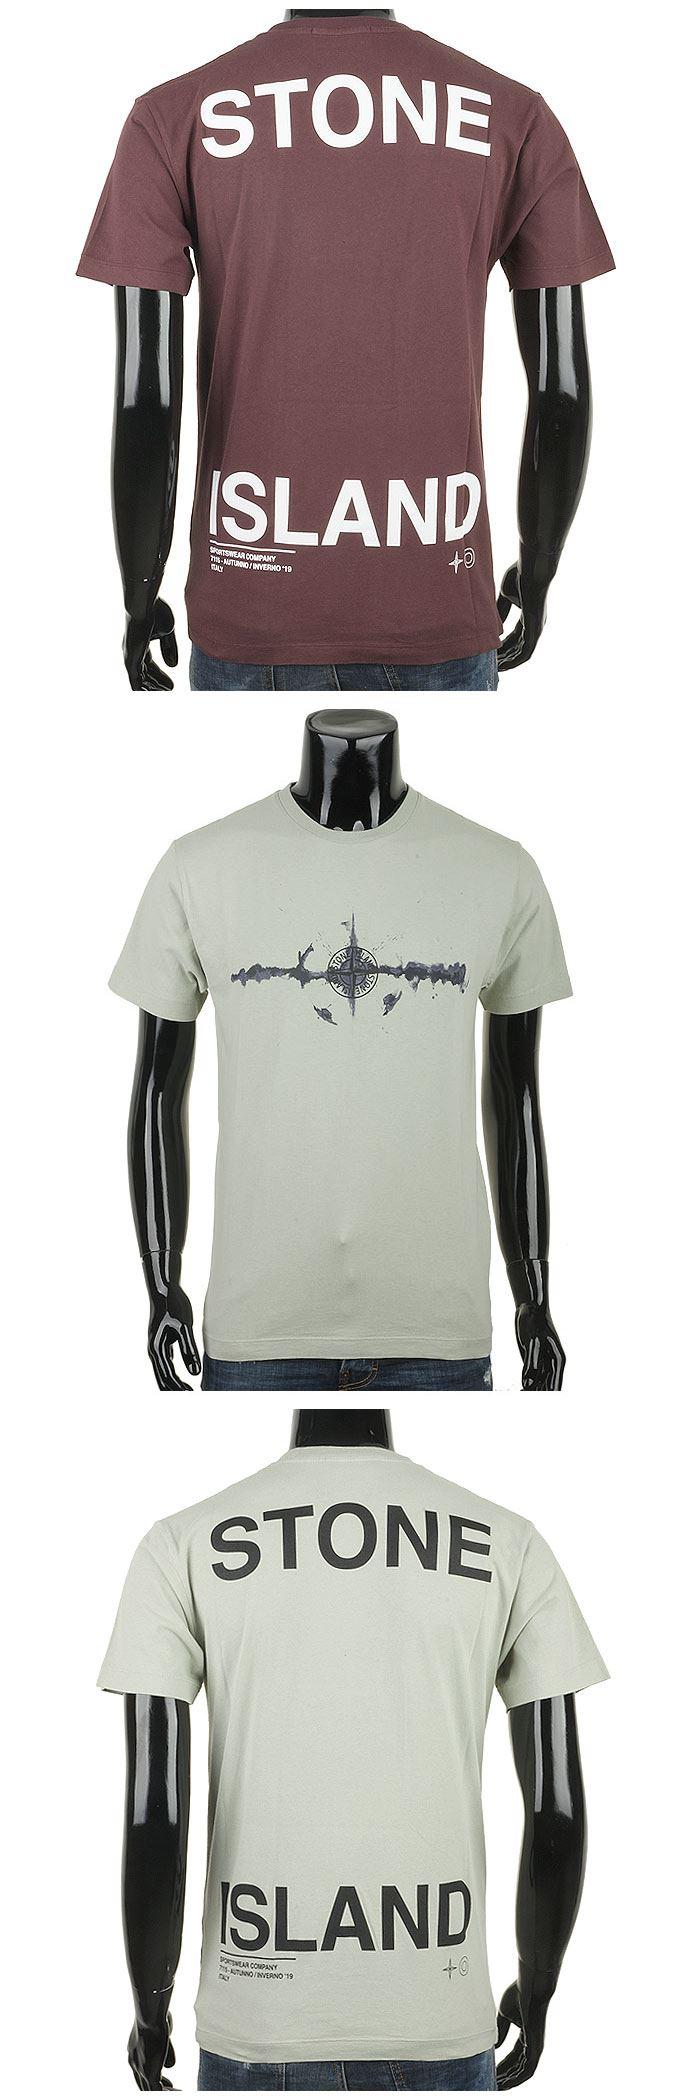 스톤아일랜드 19FW 백프린트 티셔츠 71152NS85 V0029 국내배송